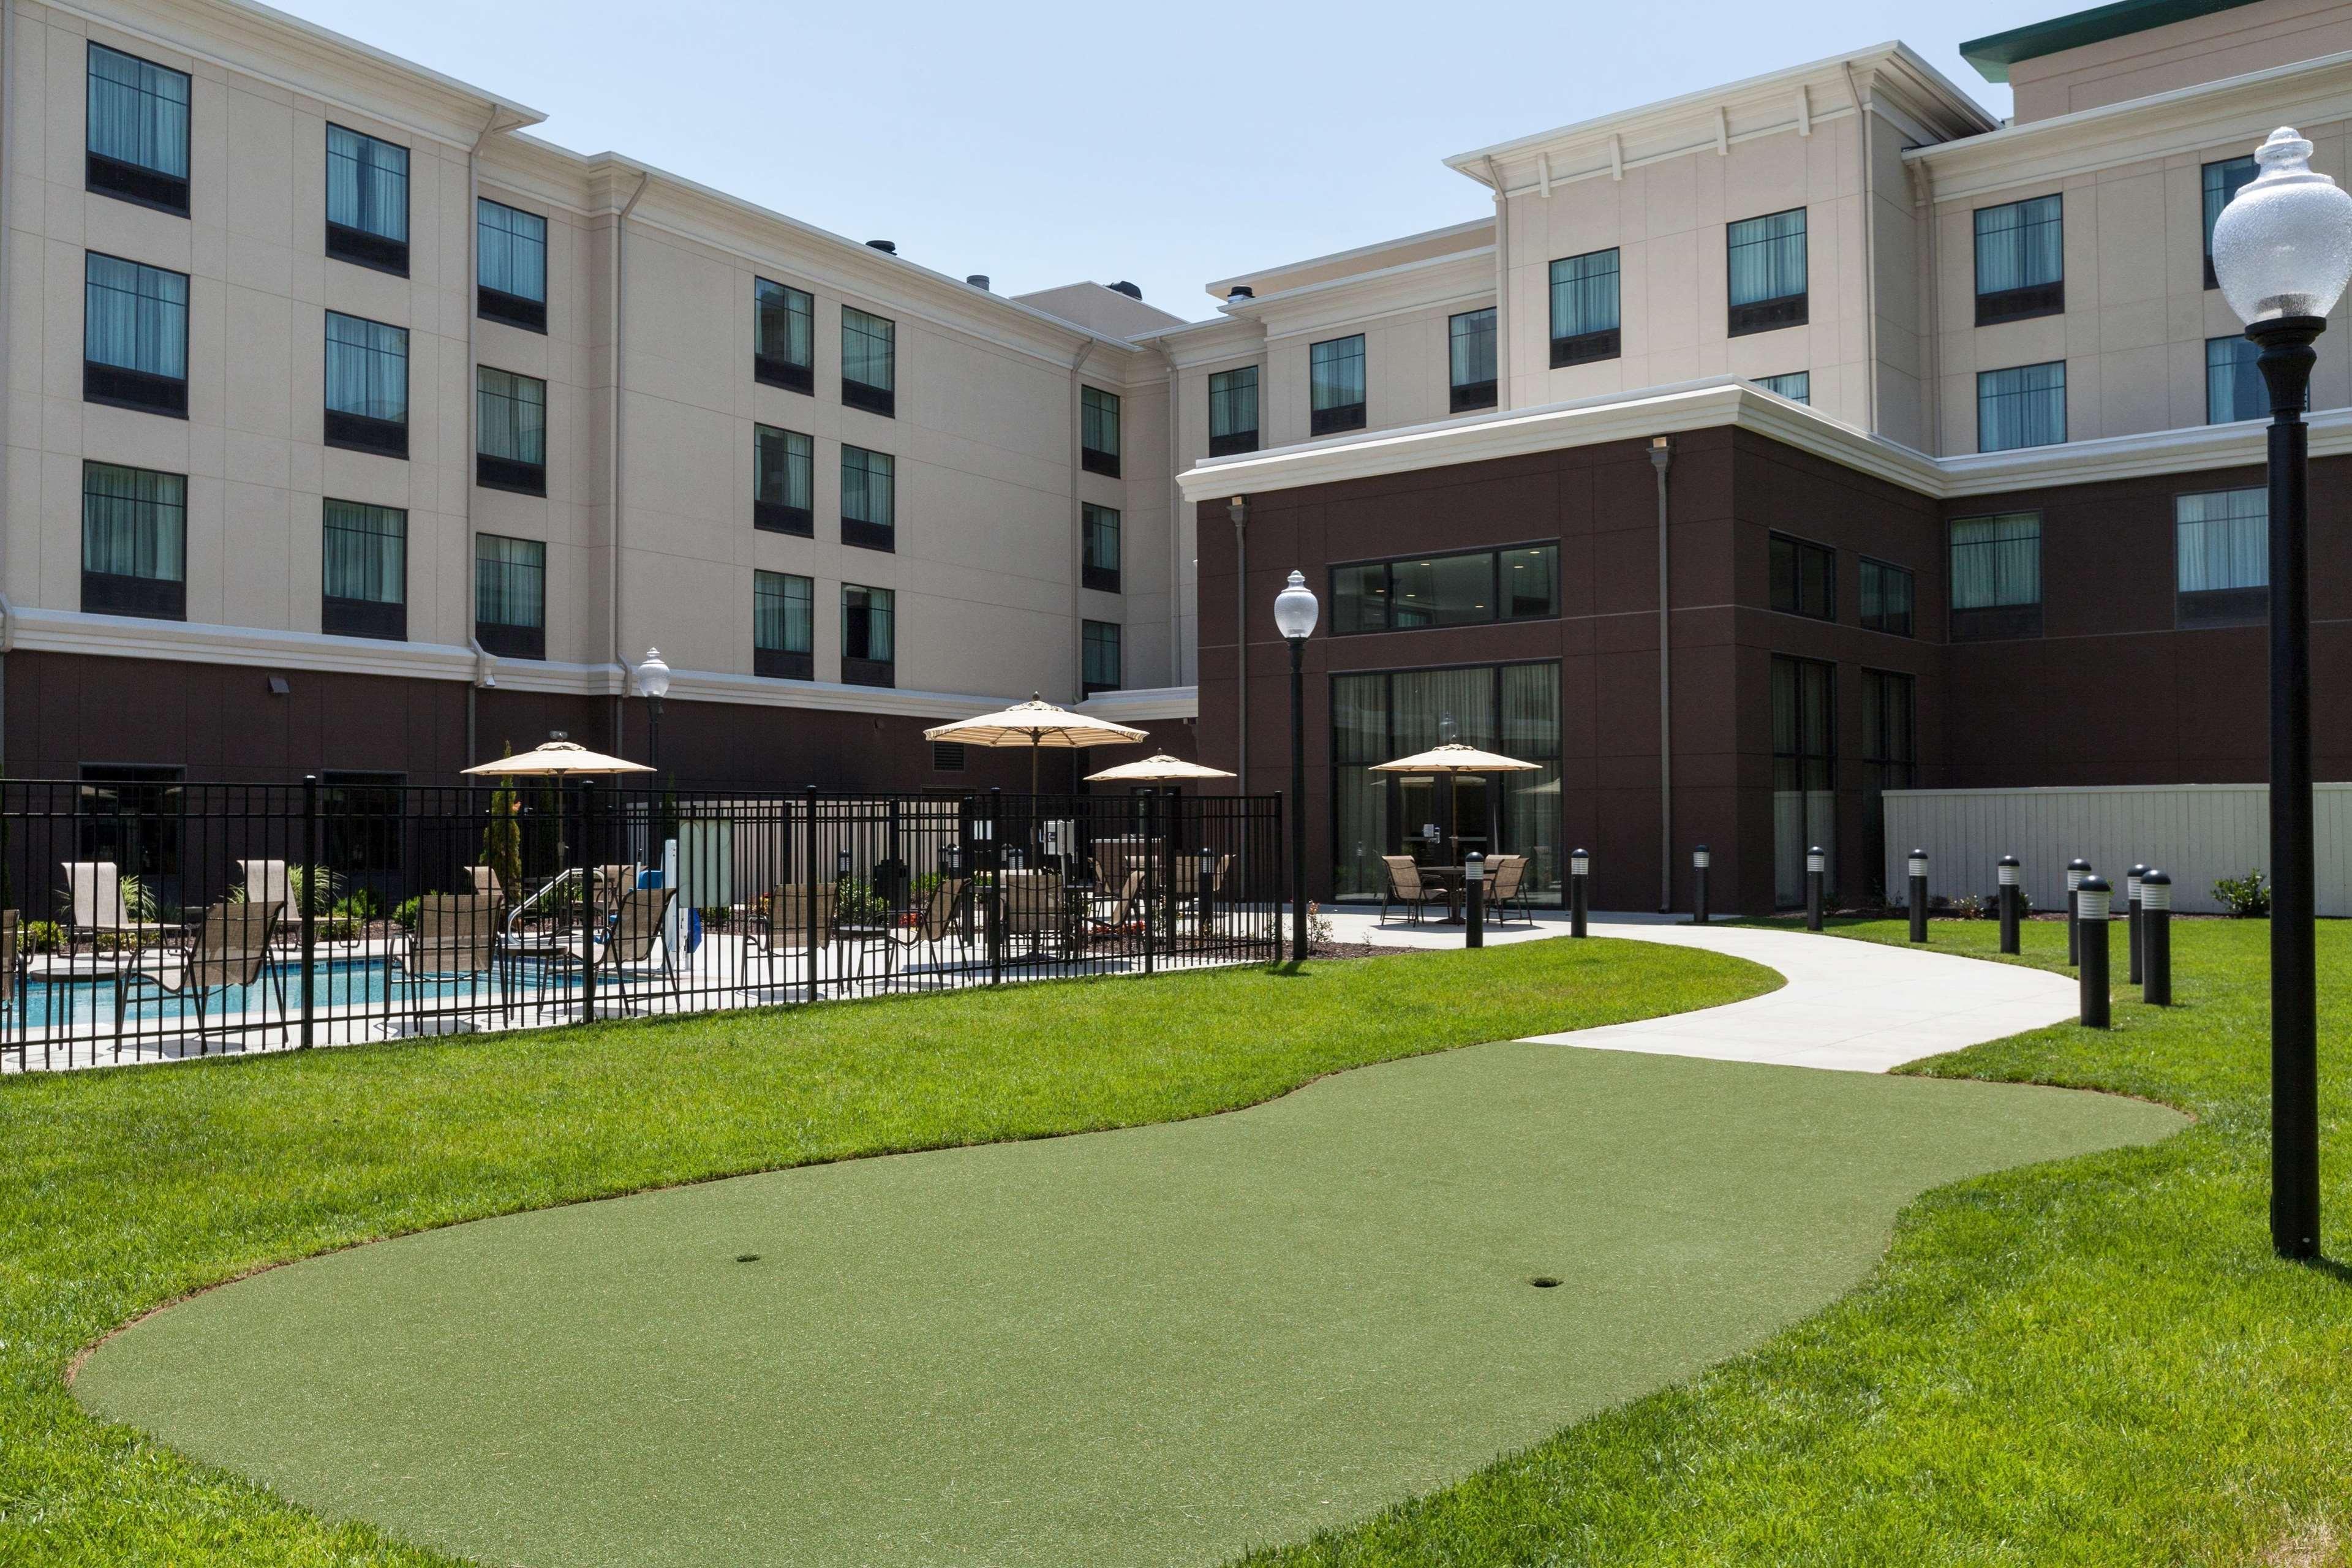 Homewood Suites by Hilton Huntsville-Downtown, AL image 15